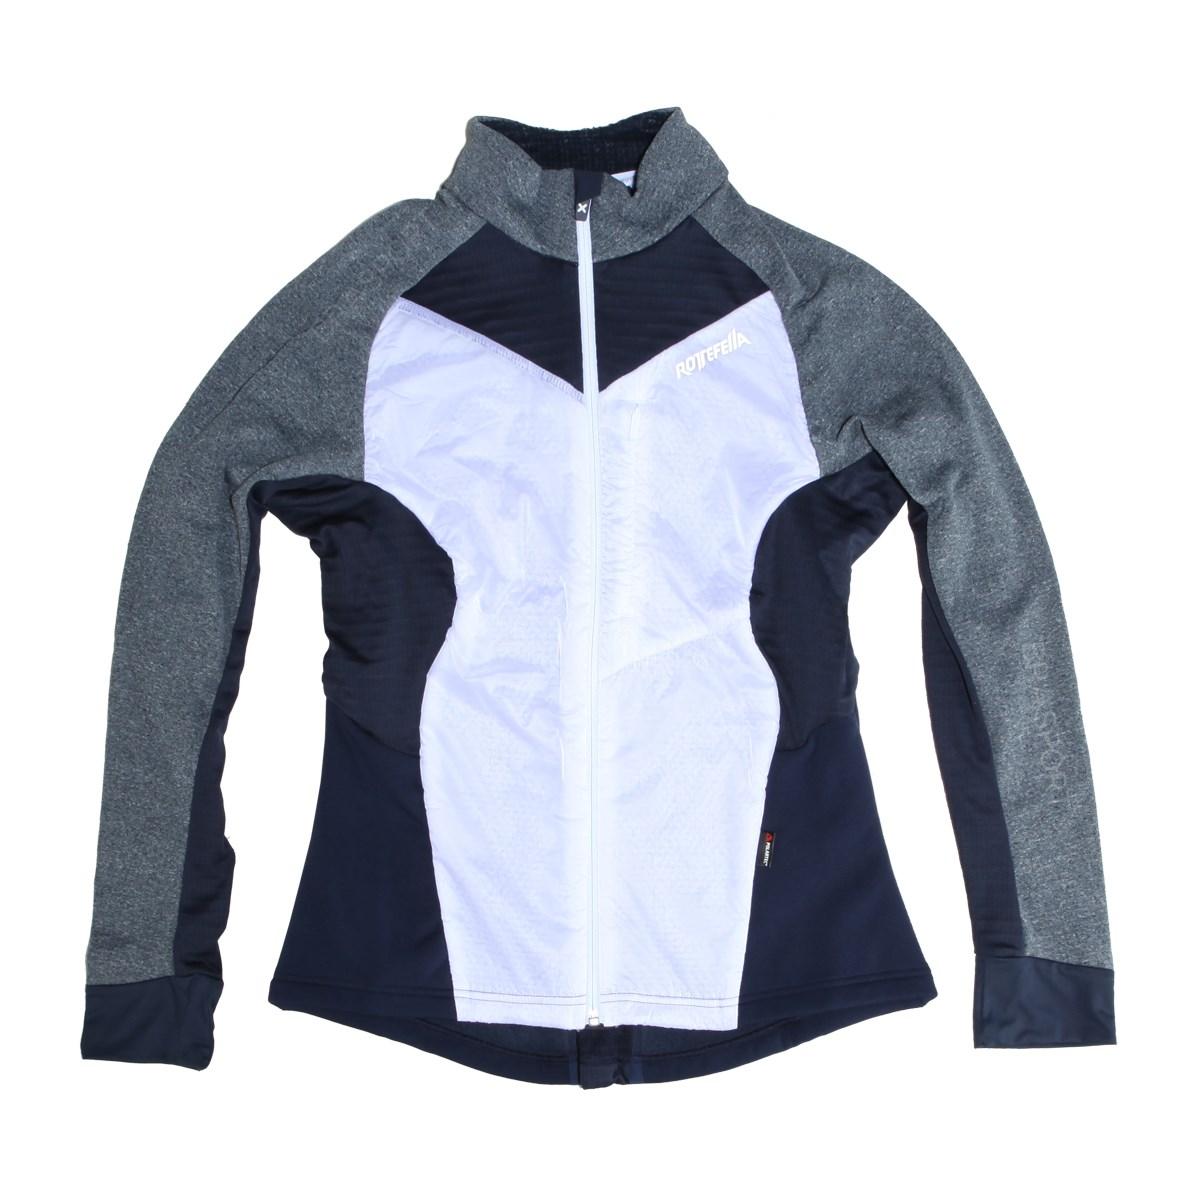 42e71d30 Bilde: Rottefella Women´s Impulse Jacket, langrennsjakke dame - Brilliant  White